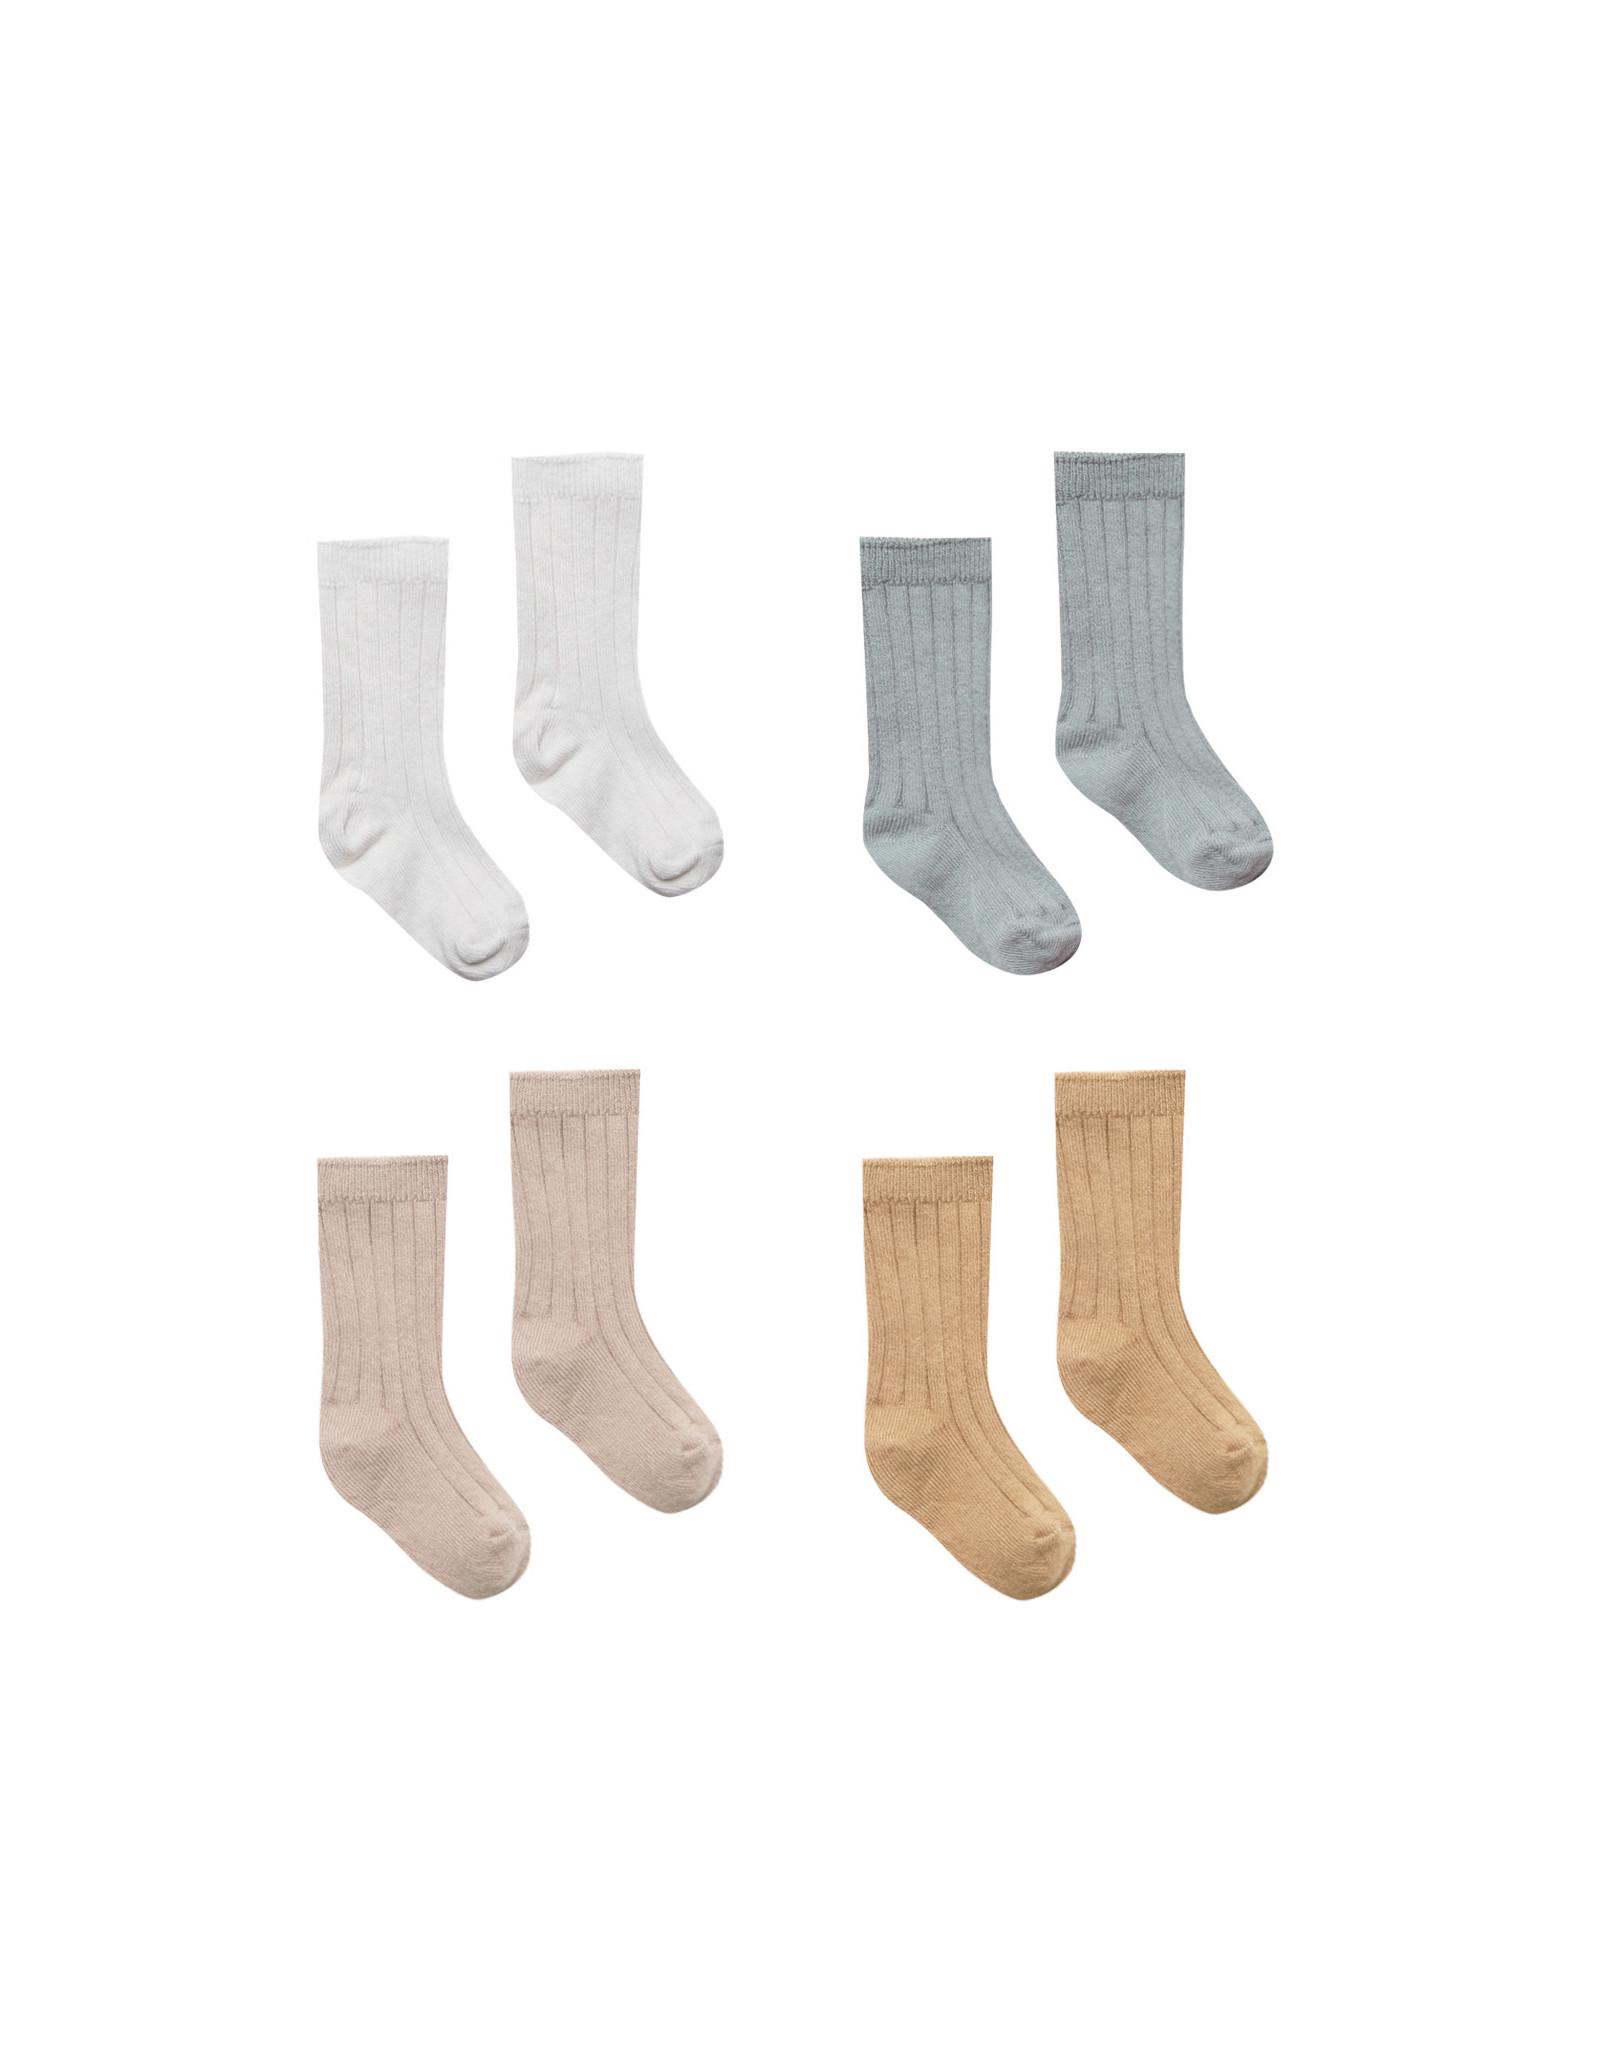 Baby socks - 4 pack - ivory, dusty blue, rose, honey